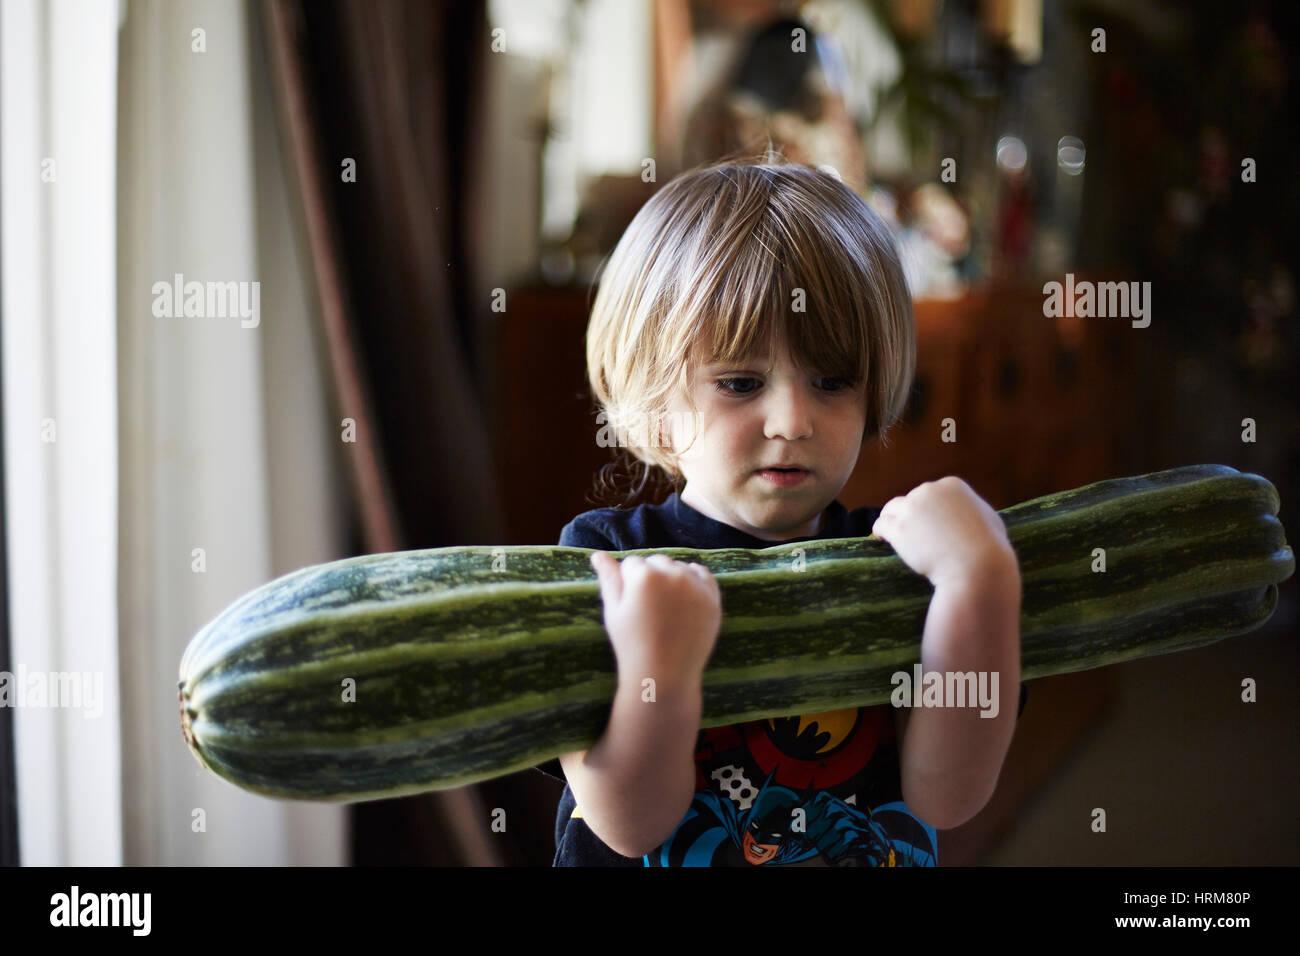 Kleiner Junge mit großen Zucchini Stockbild